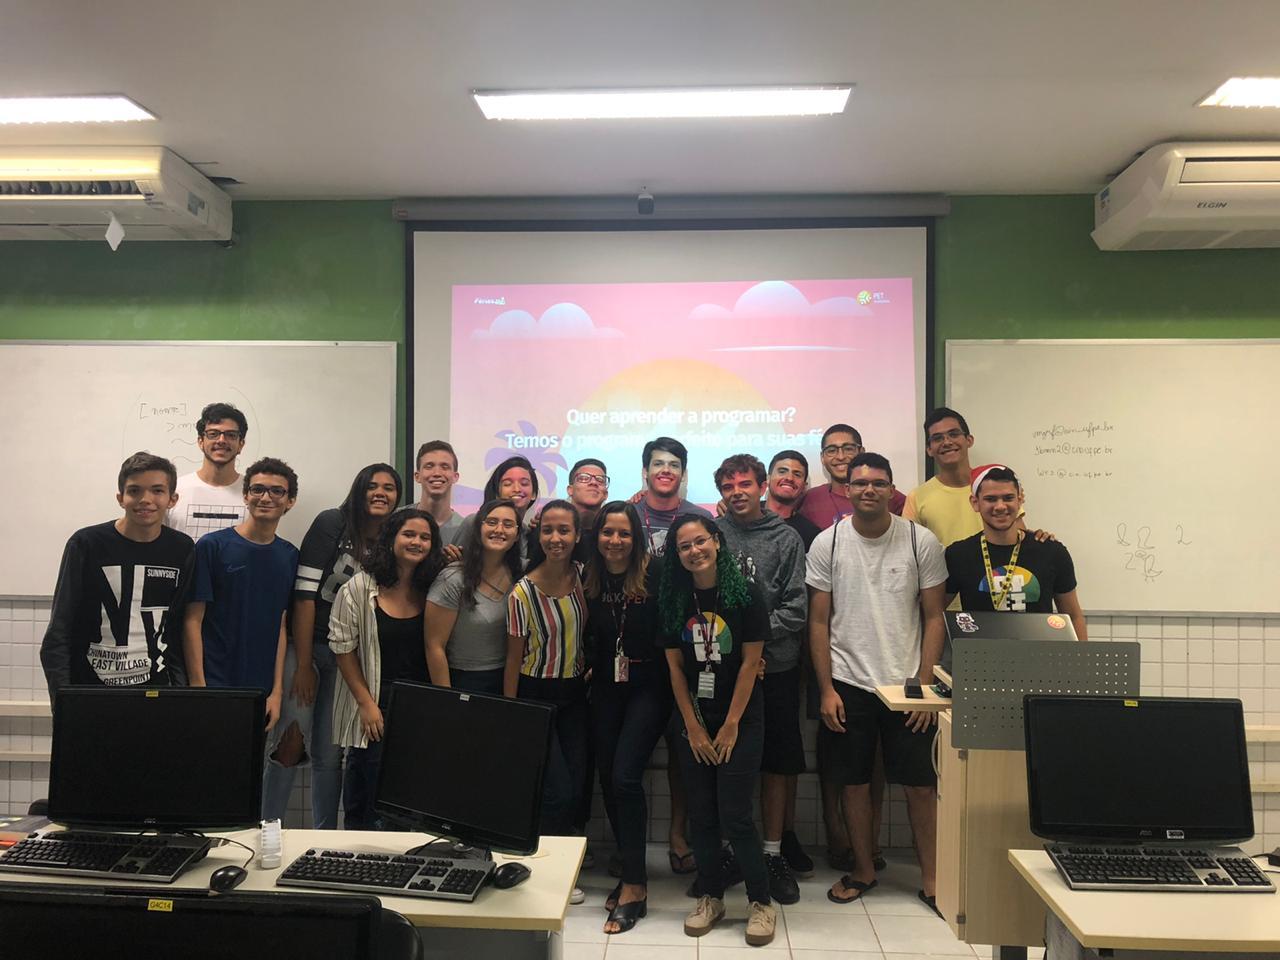 Integrantes do PET-Informática junto à estudantes de ensino médio que participaram do curso Férias.py. Ao fundo, o site do Férias.py projetado no quadro da sala.